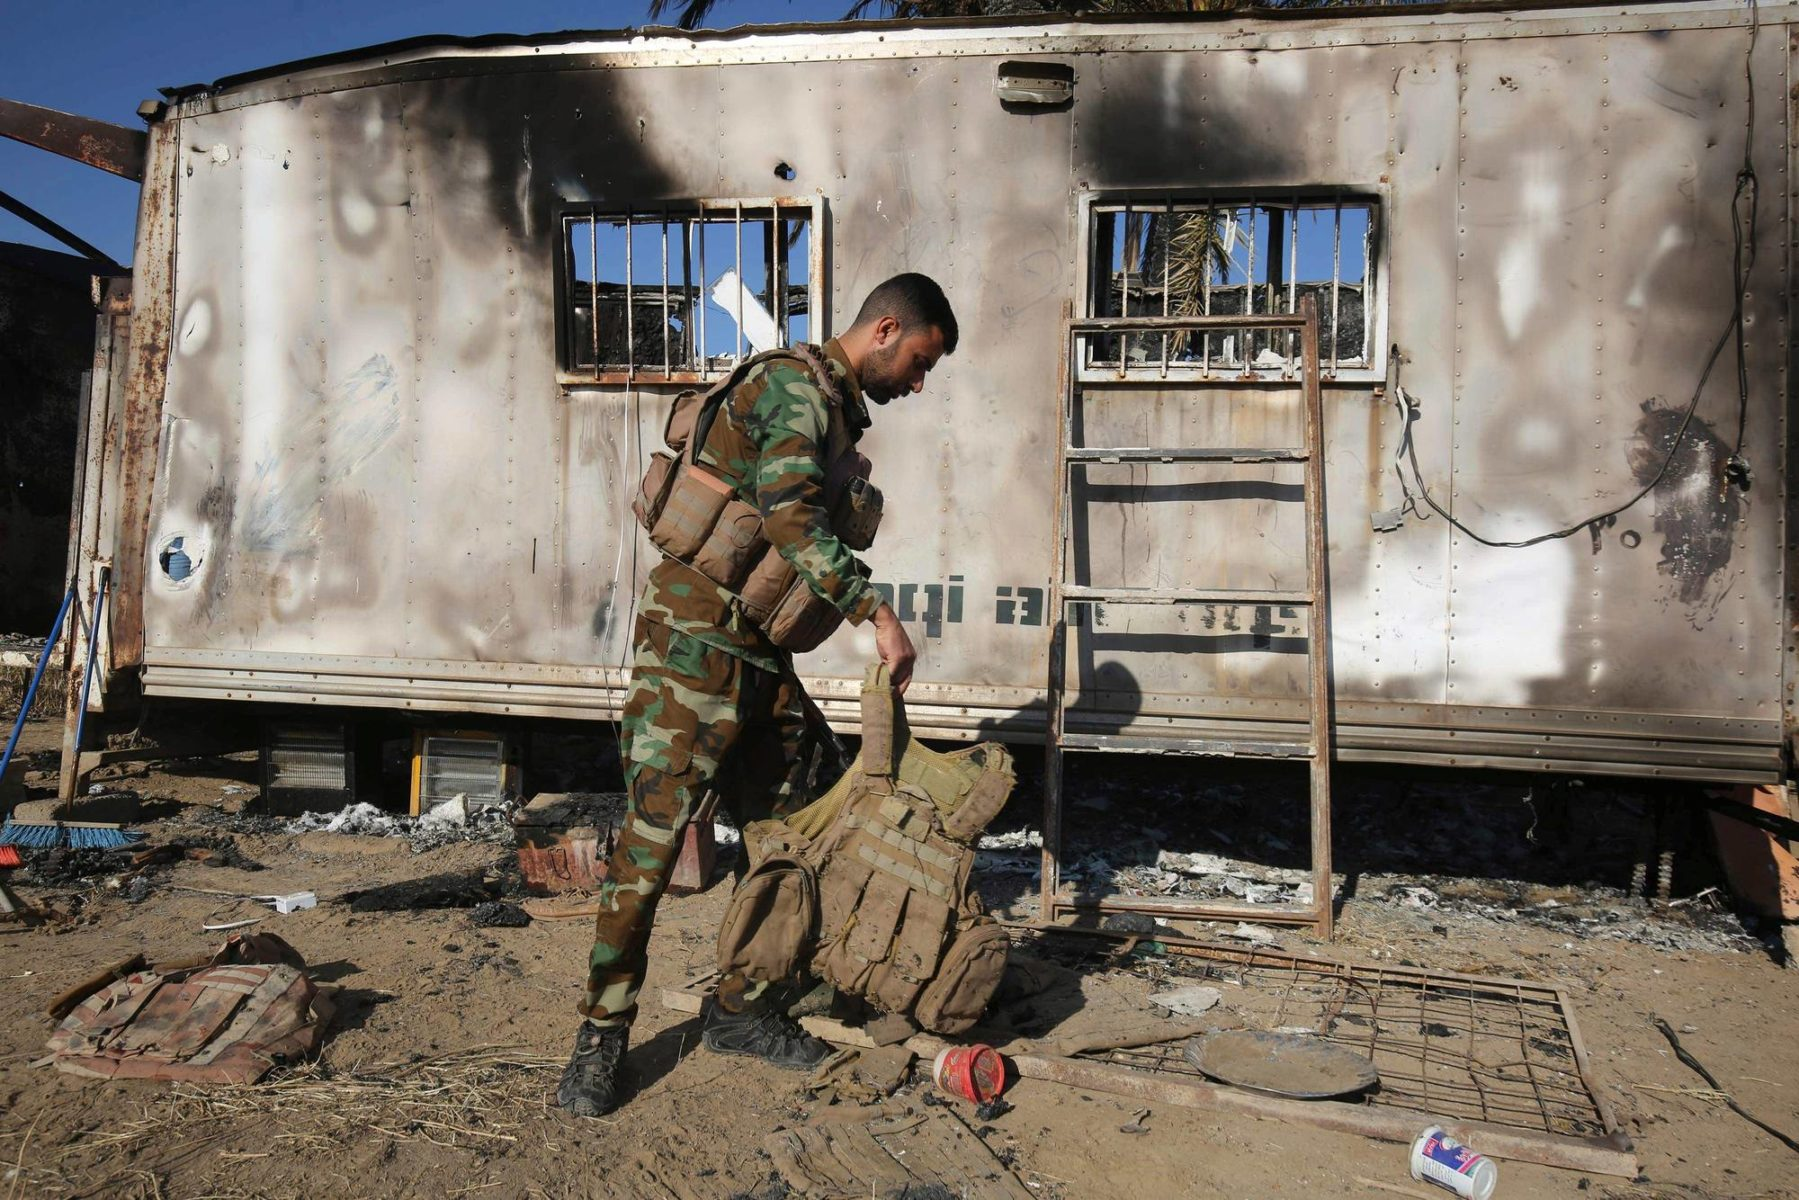 Irakin šiiamuslimien Hashd al-Shaabi -joukkojen sotilas tutki Isisin iskun jälkiä Bagdadin pohjoispuolella 3. toukokuuta.